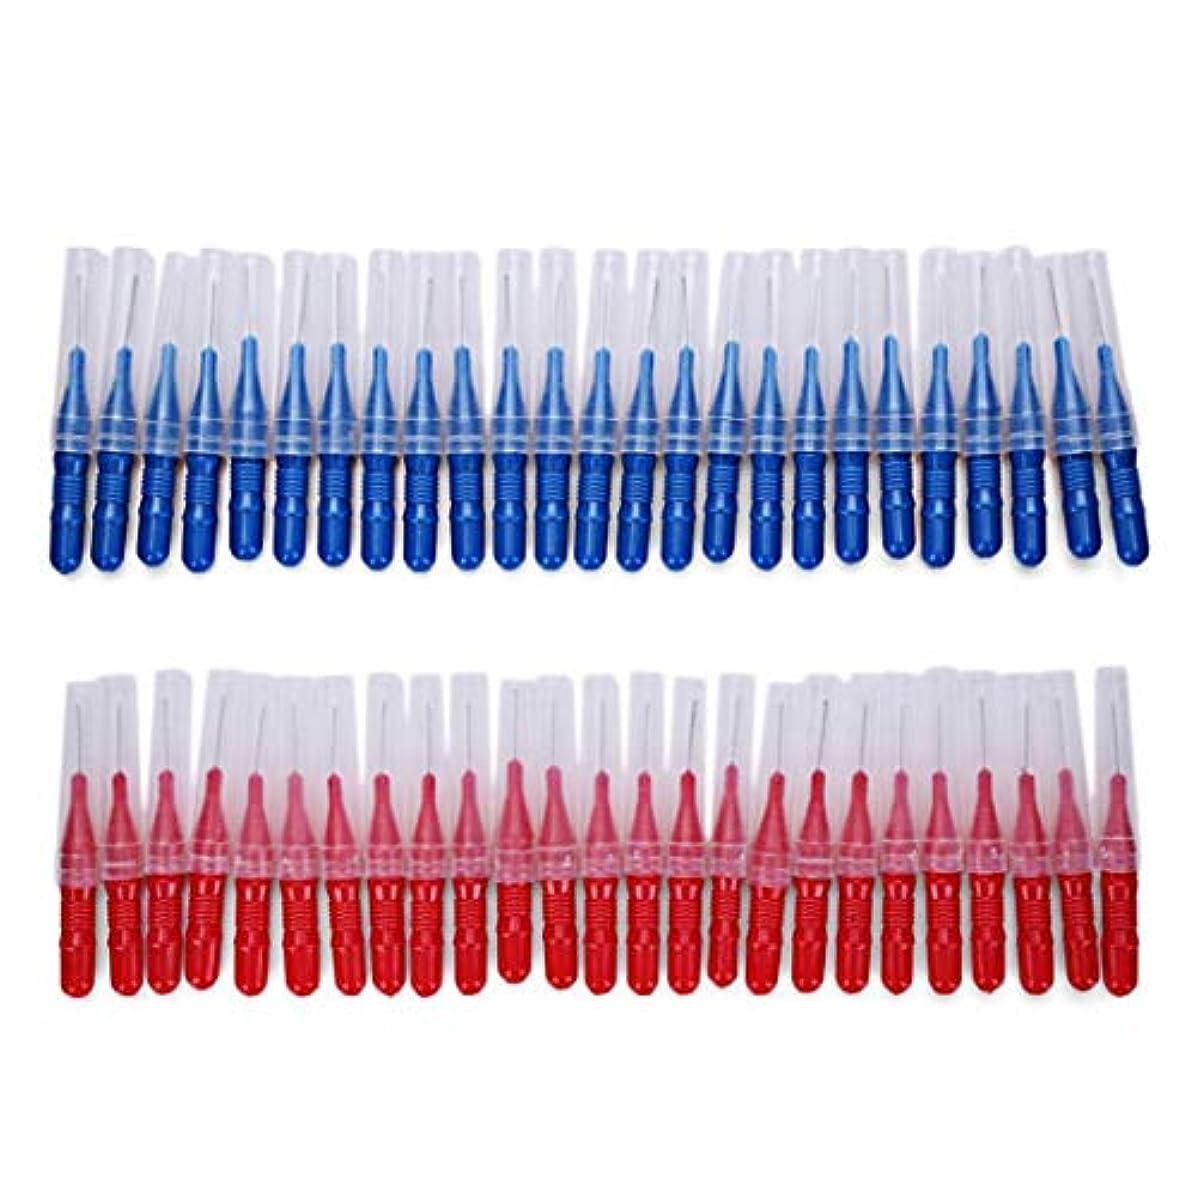 信じるピーブあいにく2.5ミリメートル50ピース/セットブラッシング歯すきま歯ブラシクリーニングツール歯のケア歯科用歯間ブラシ - 赤と青